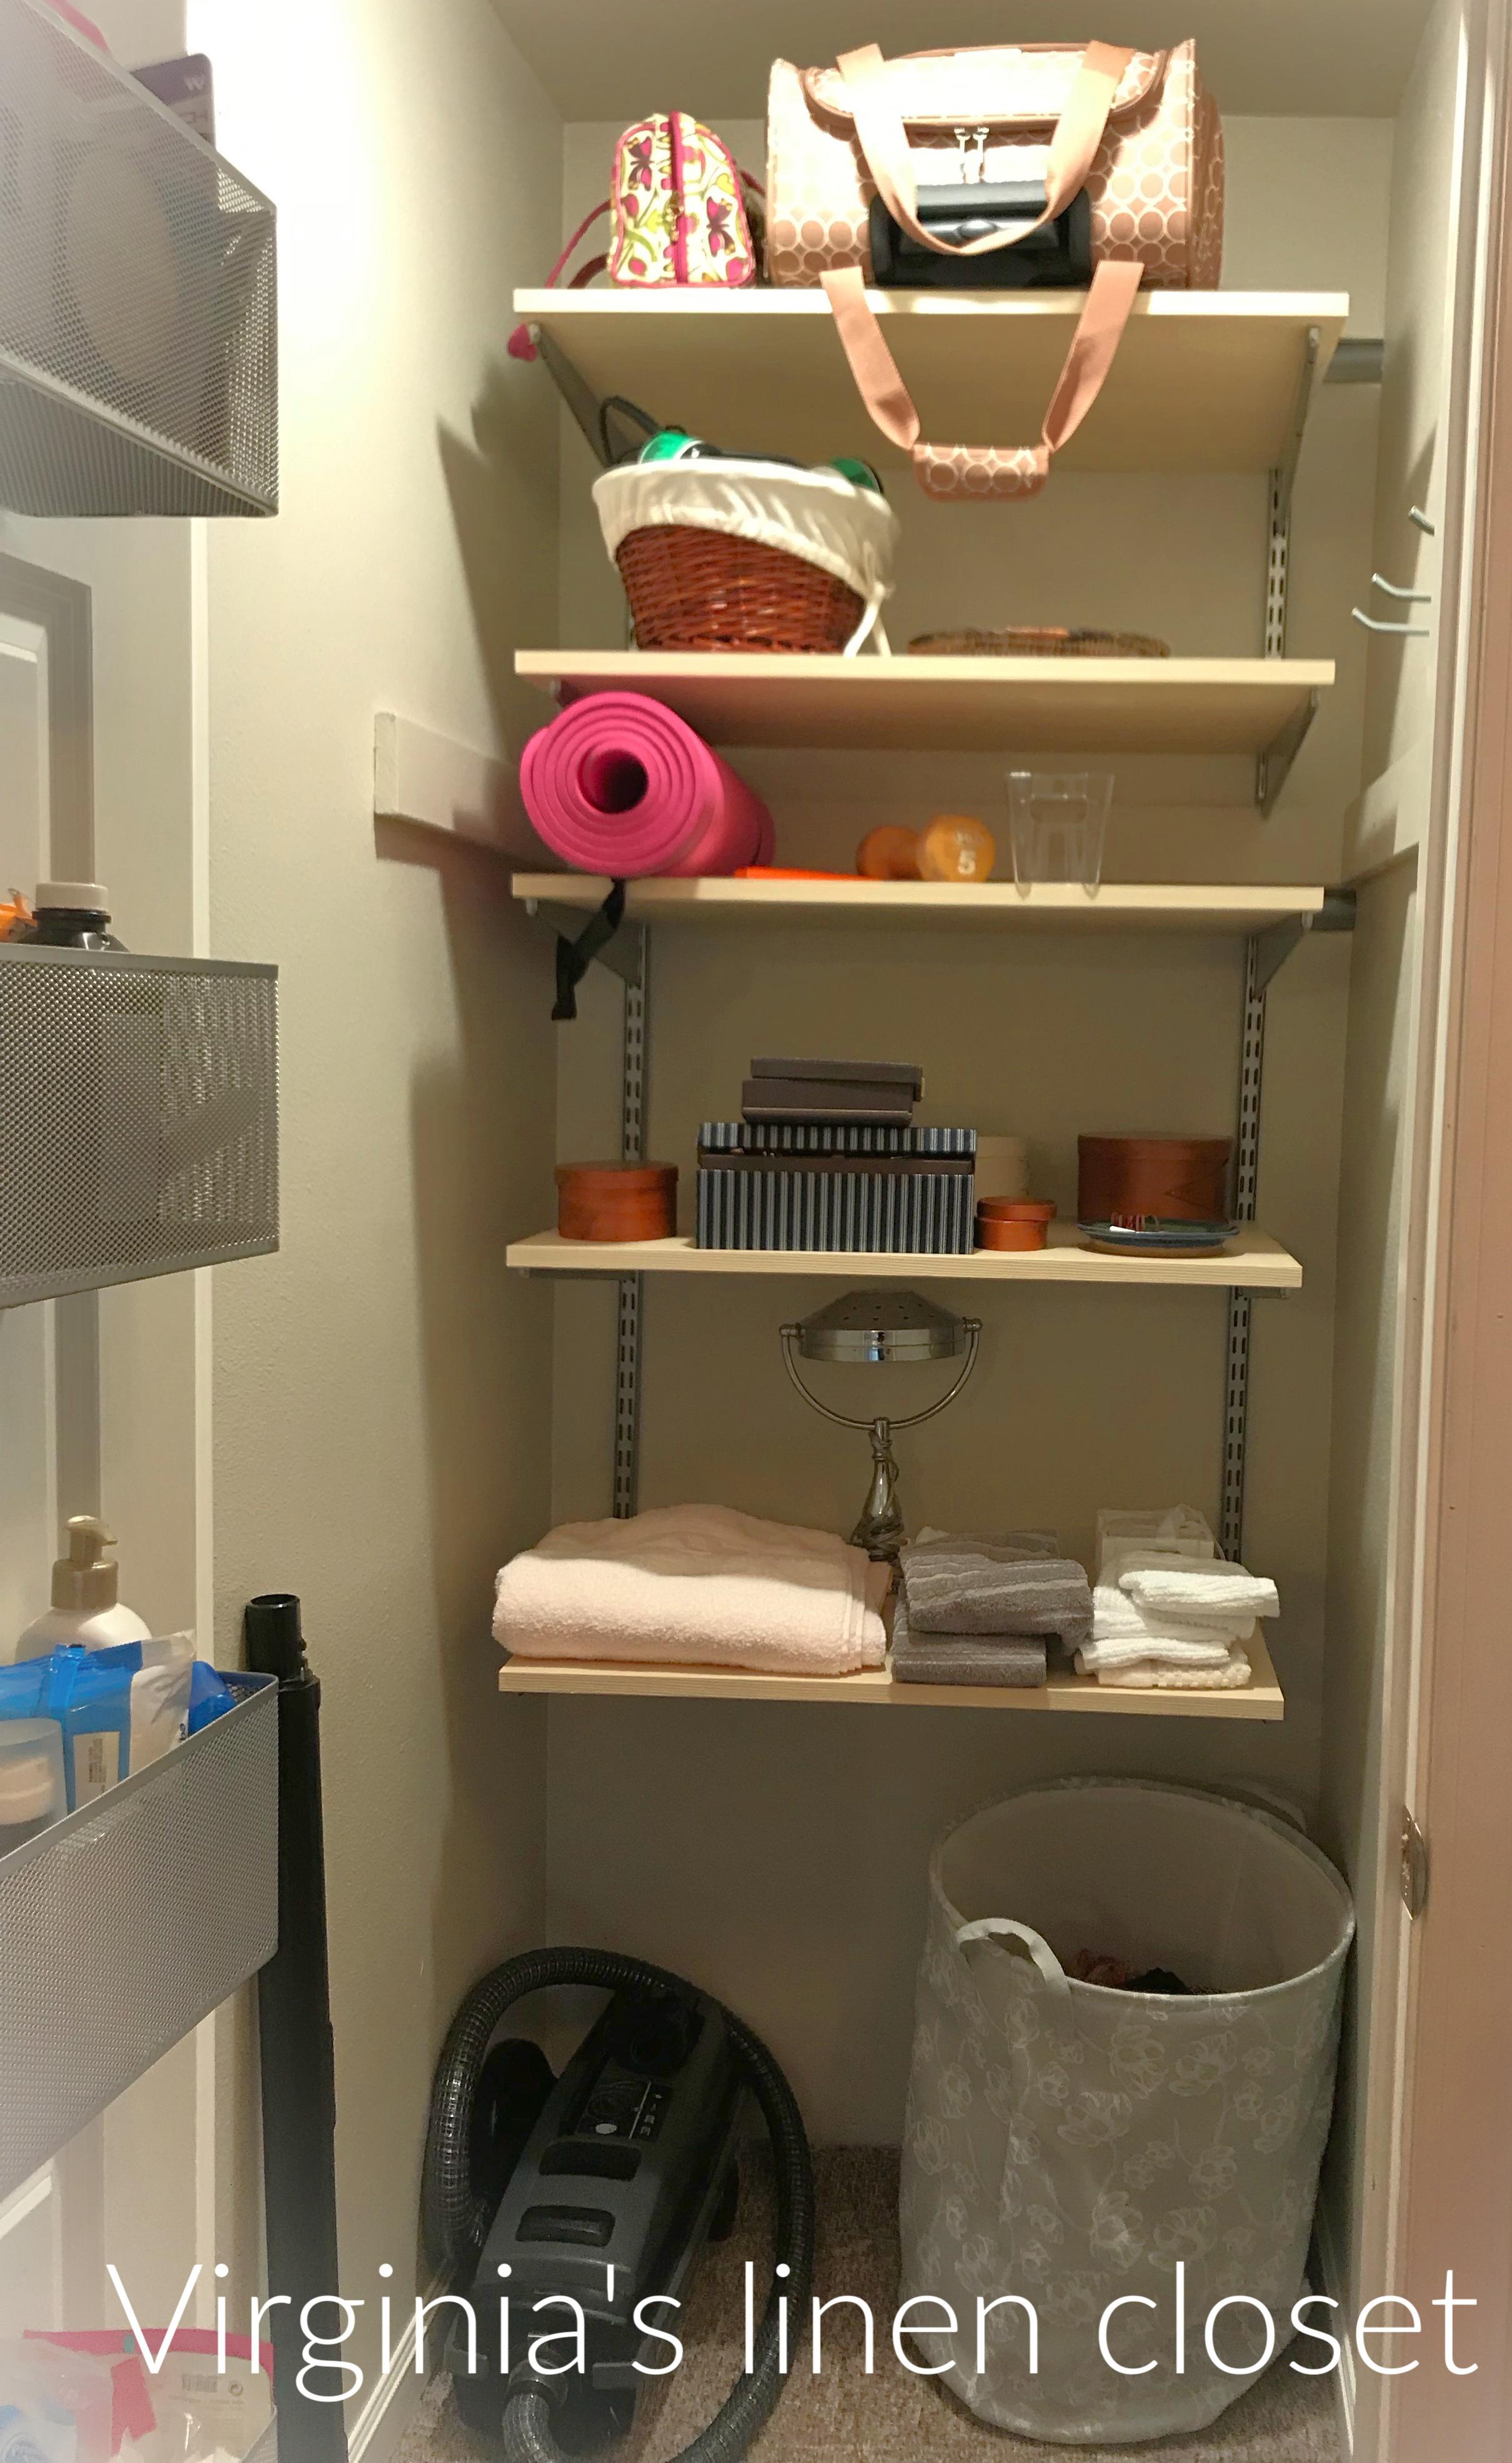 Carol%27s%3AVirginia%27s+linen+closet.jpg